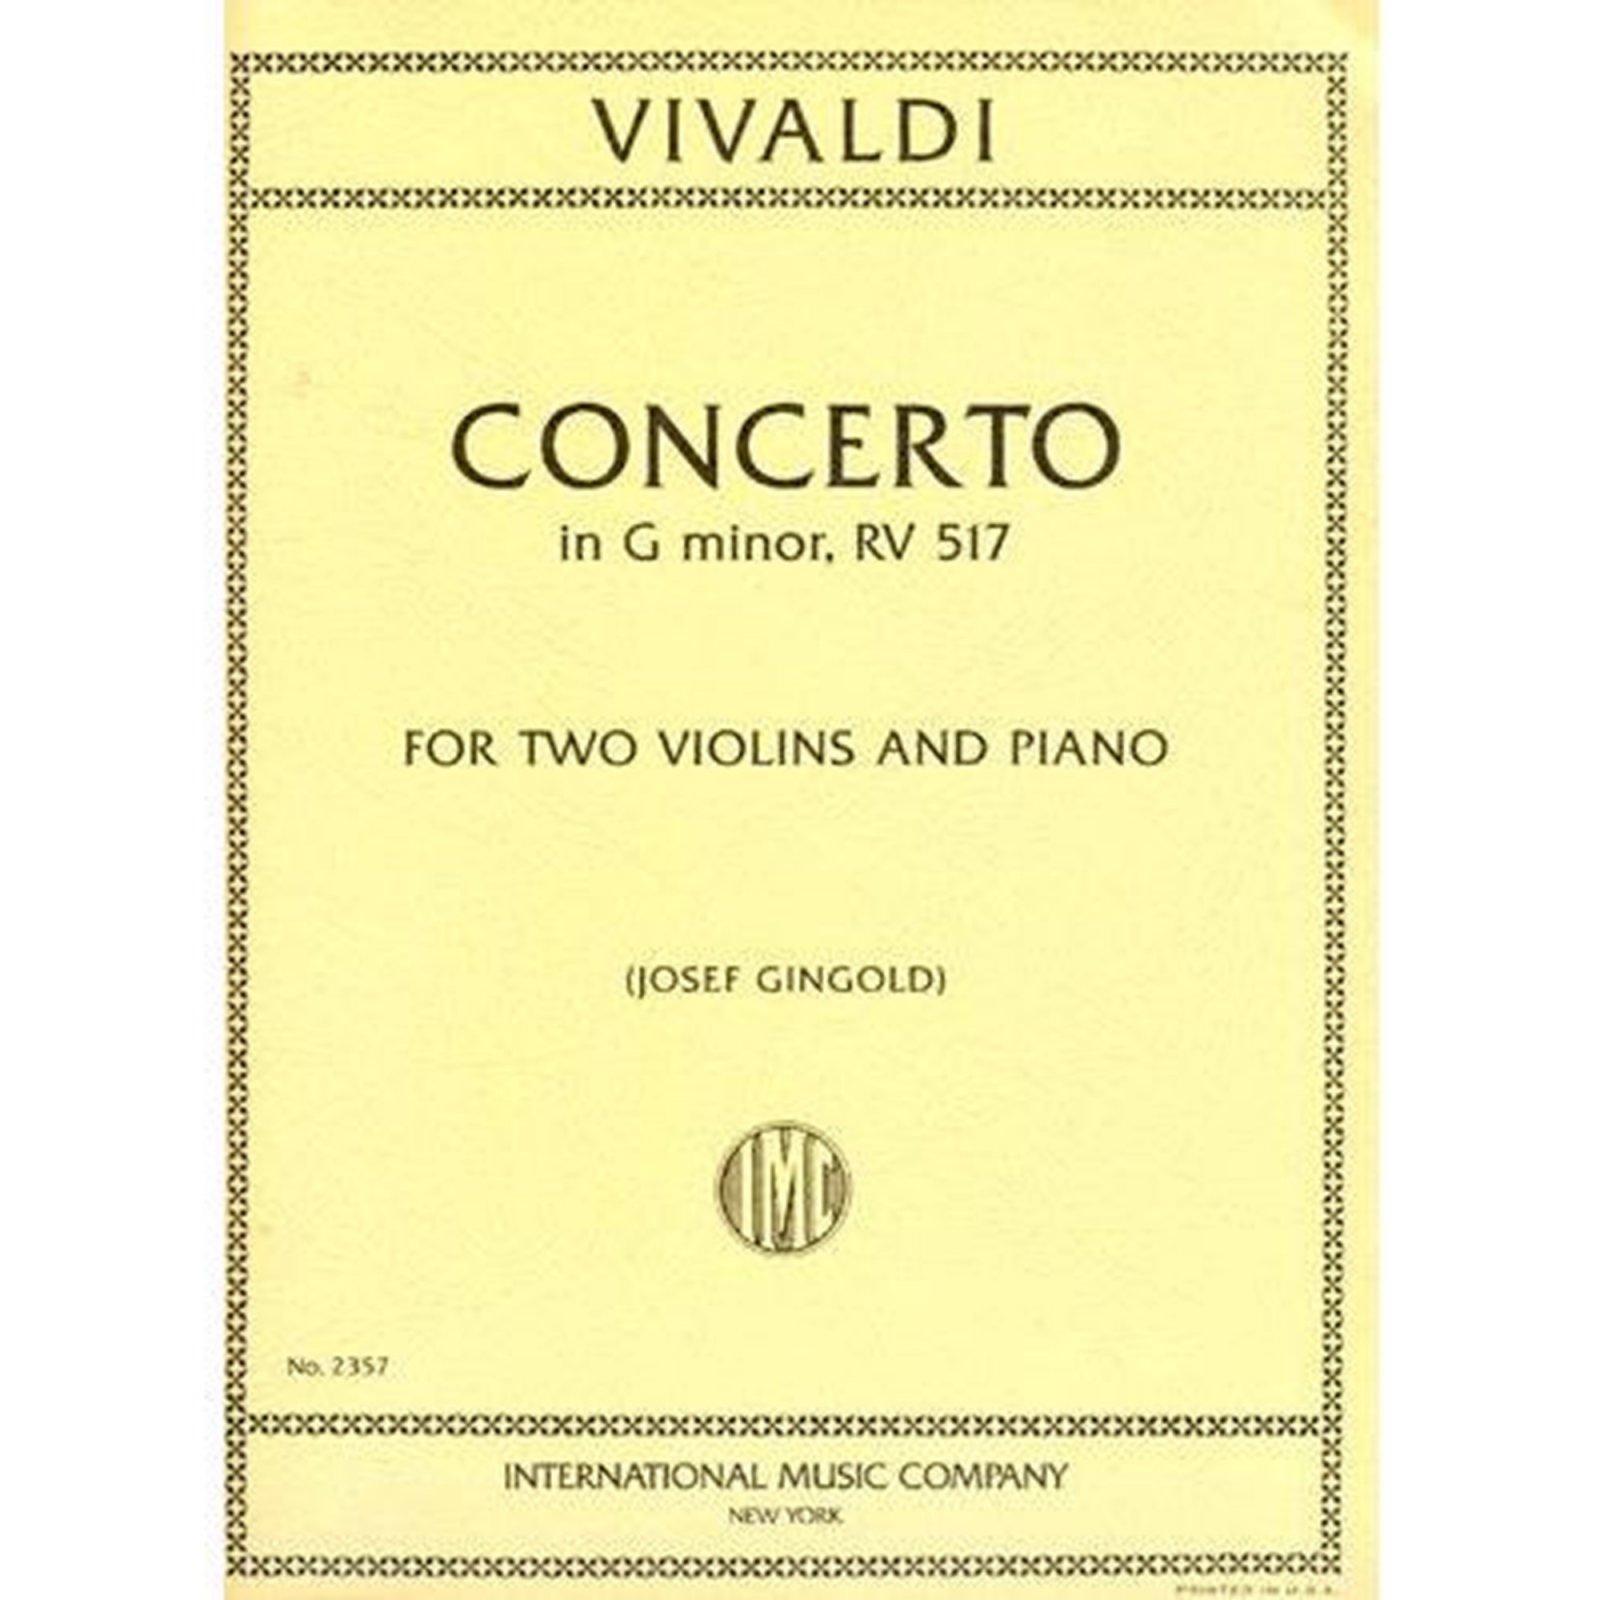 Vivaldi: Concerto In G minor RV 517